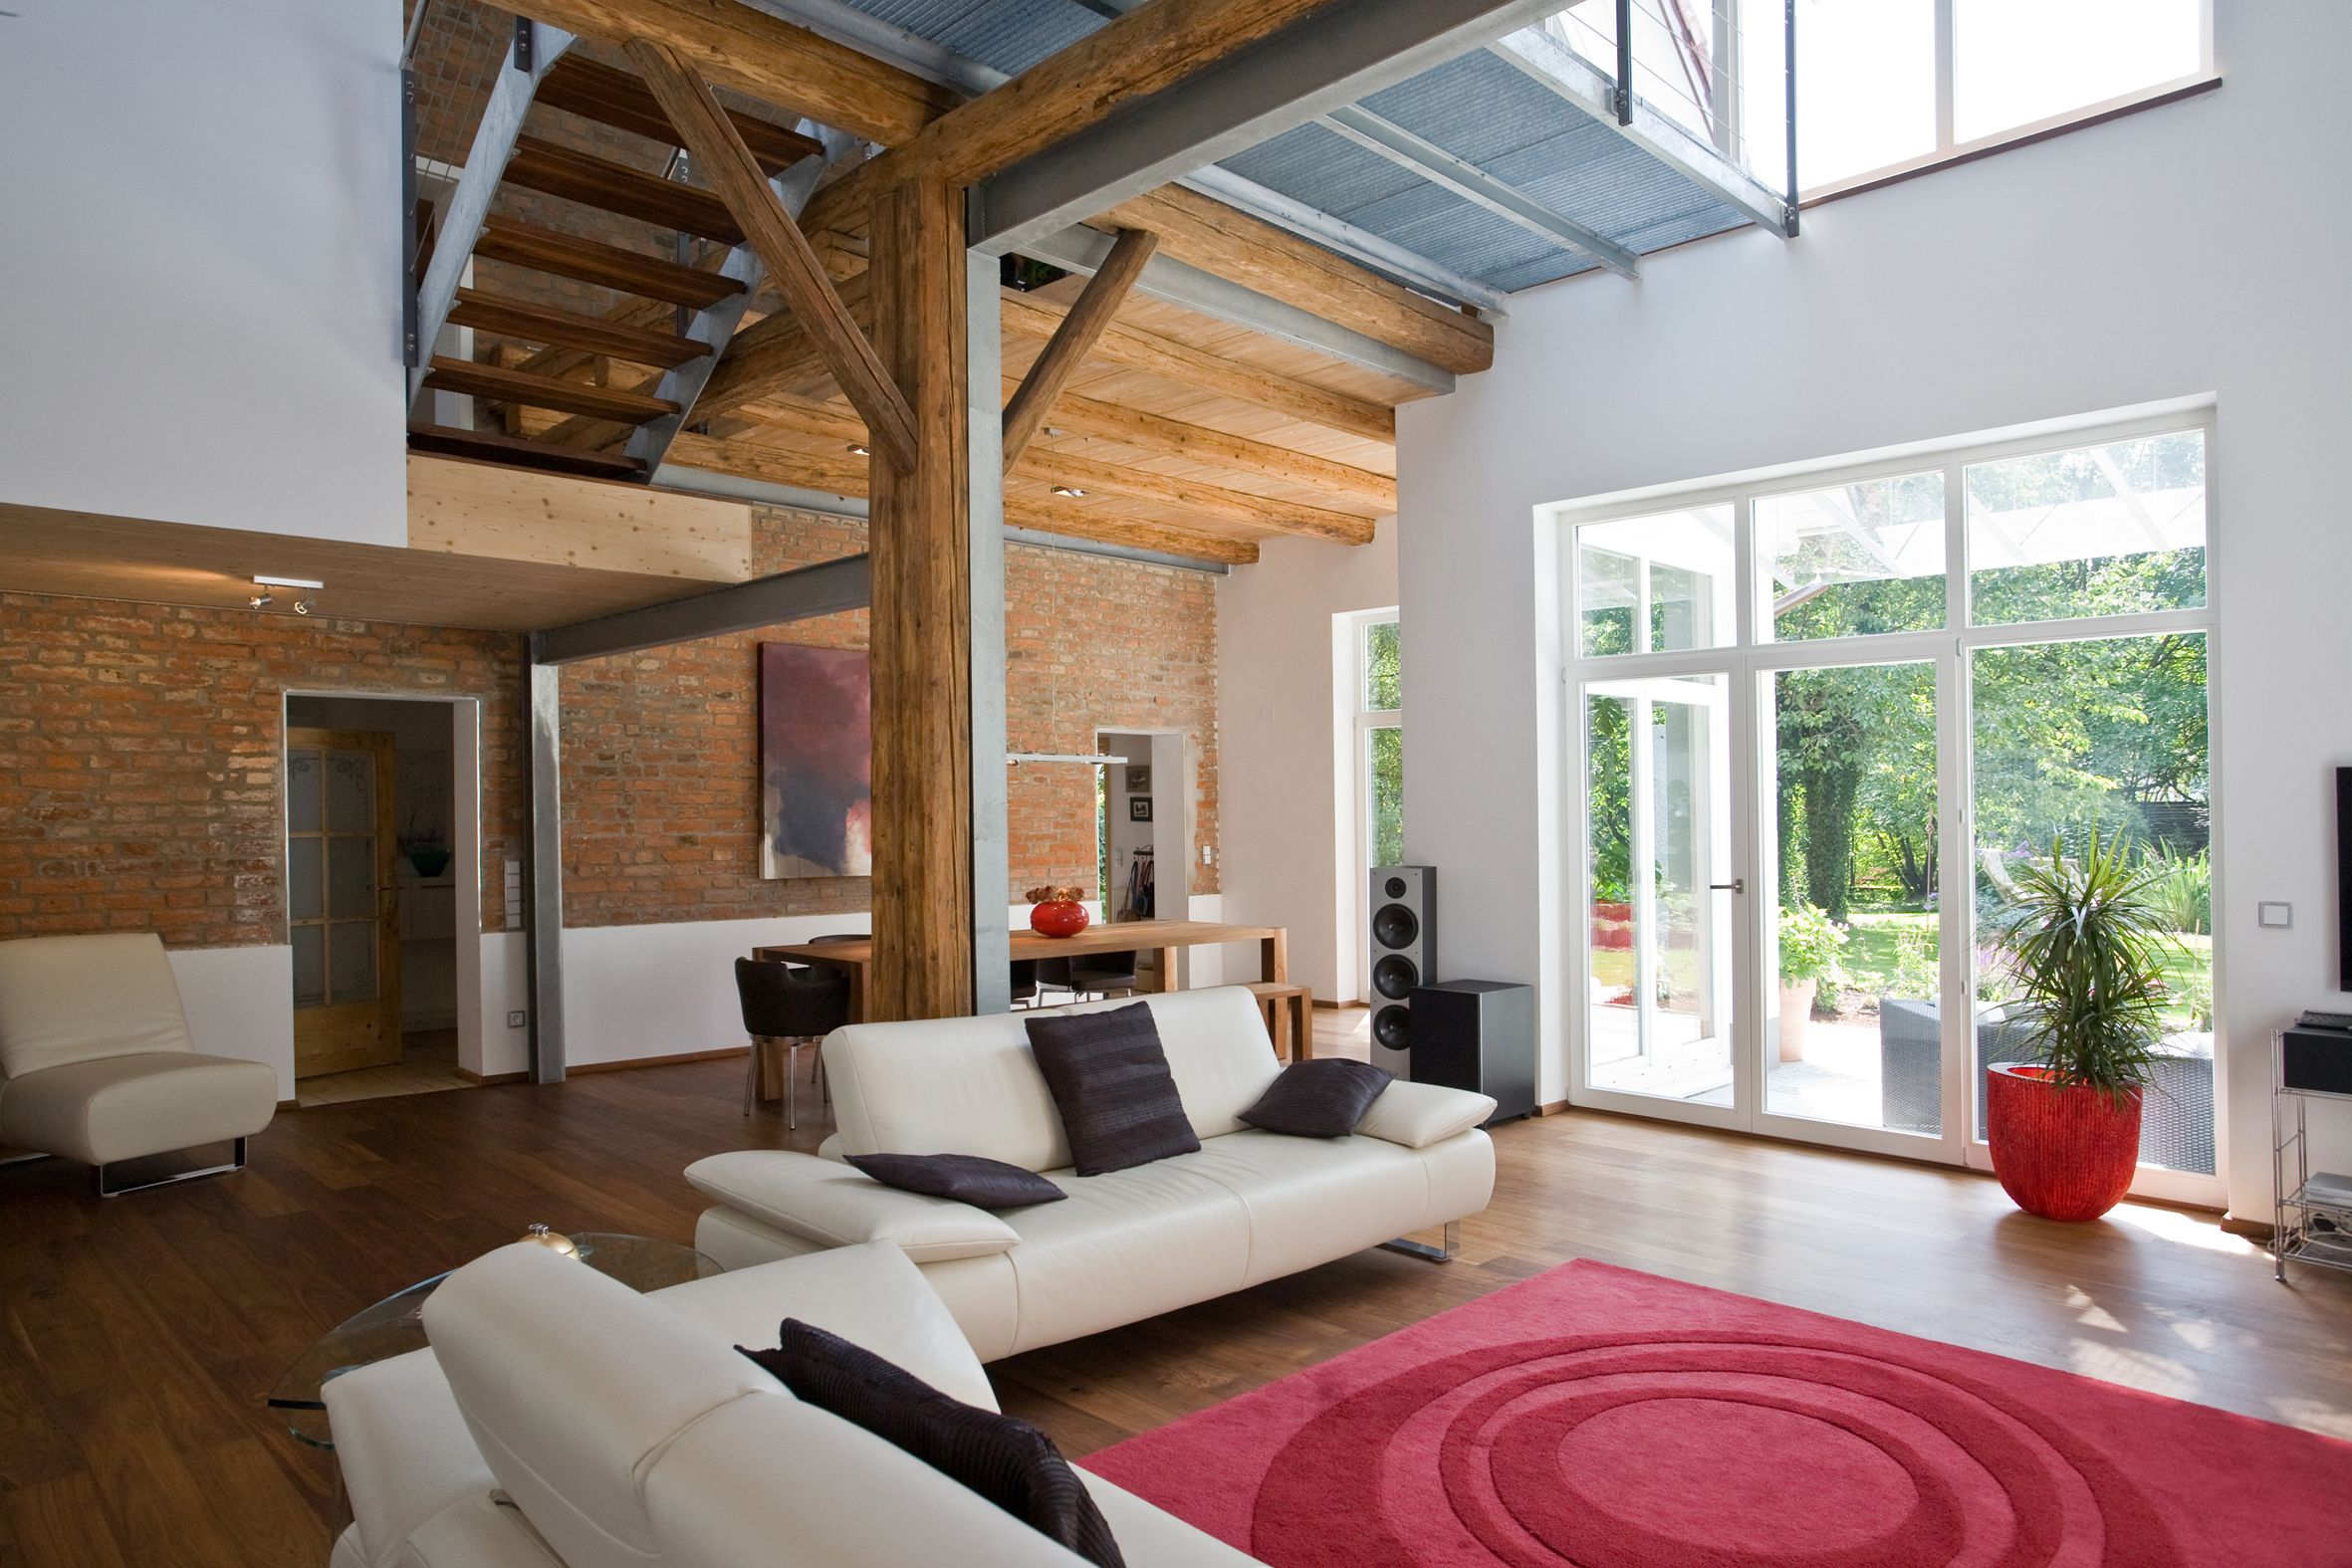 wohnzimmer mit offener galerie wohnzimmer pinterest wohnzimmer haus umbauen und umbau. Black Bedroom Furniture Sets. Home Design Ideas